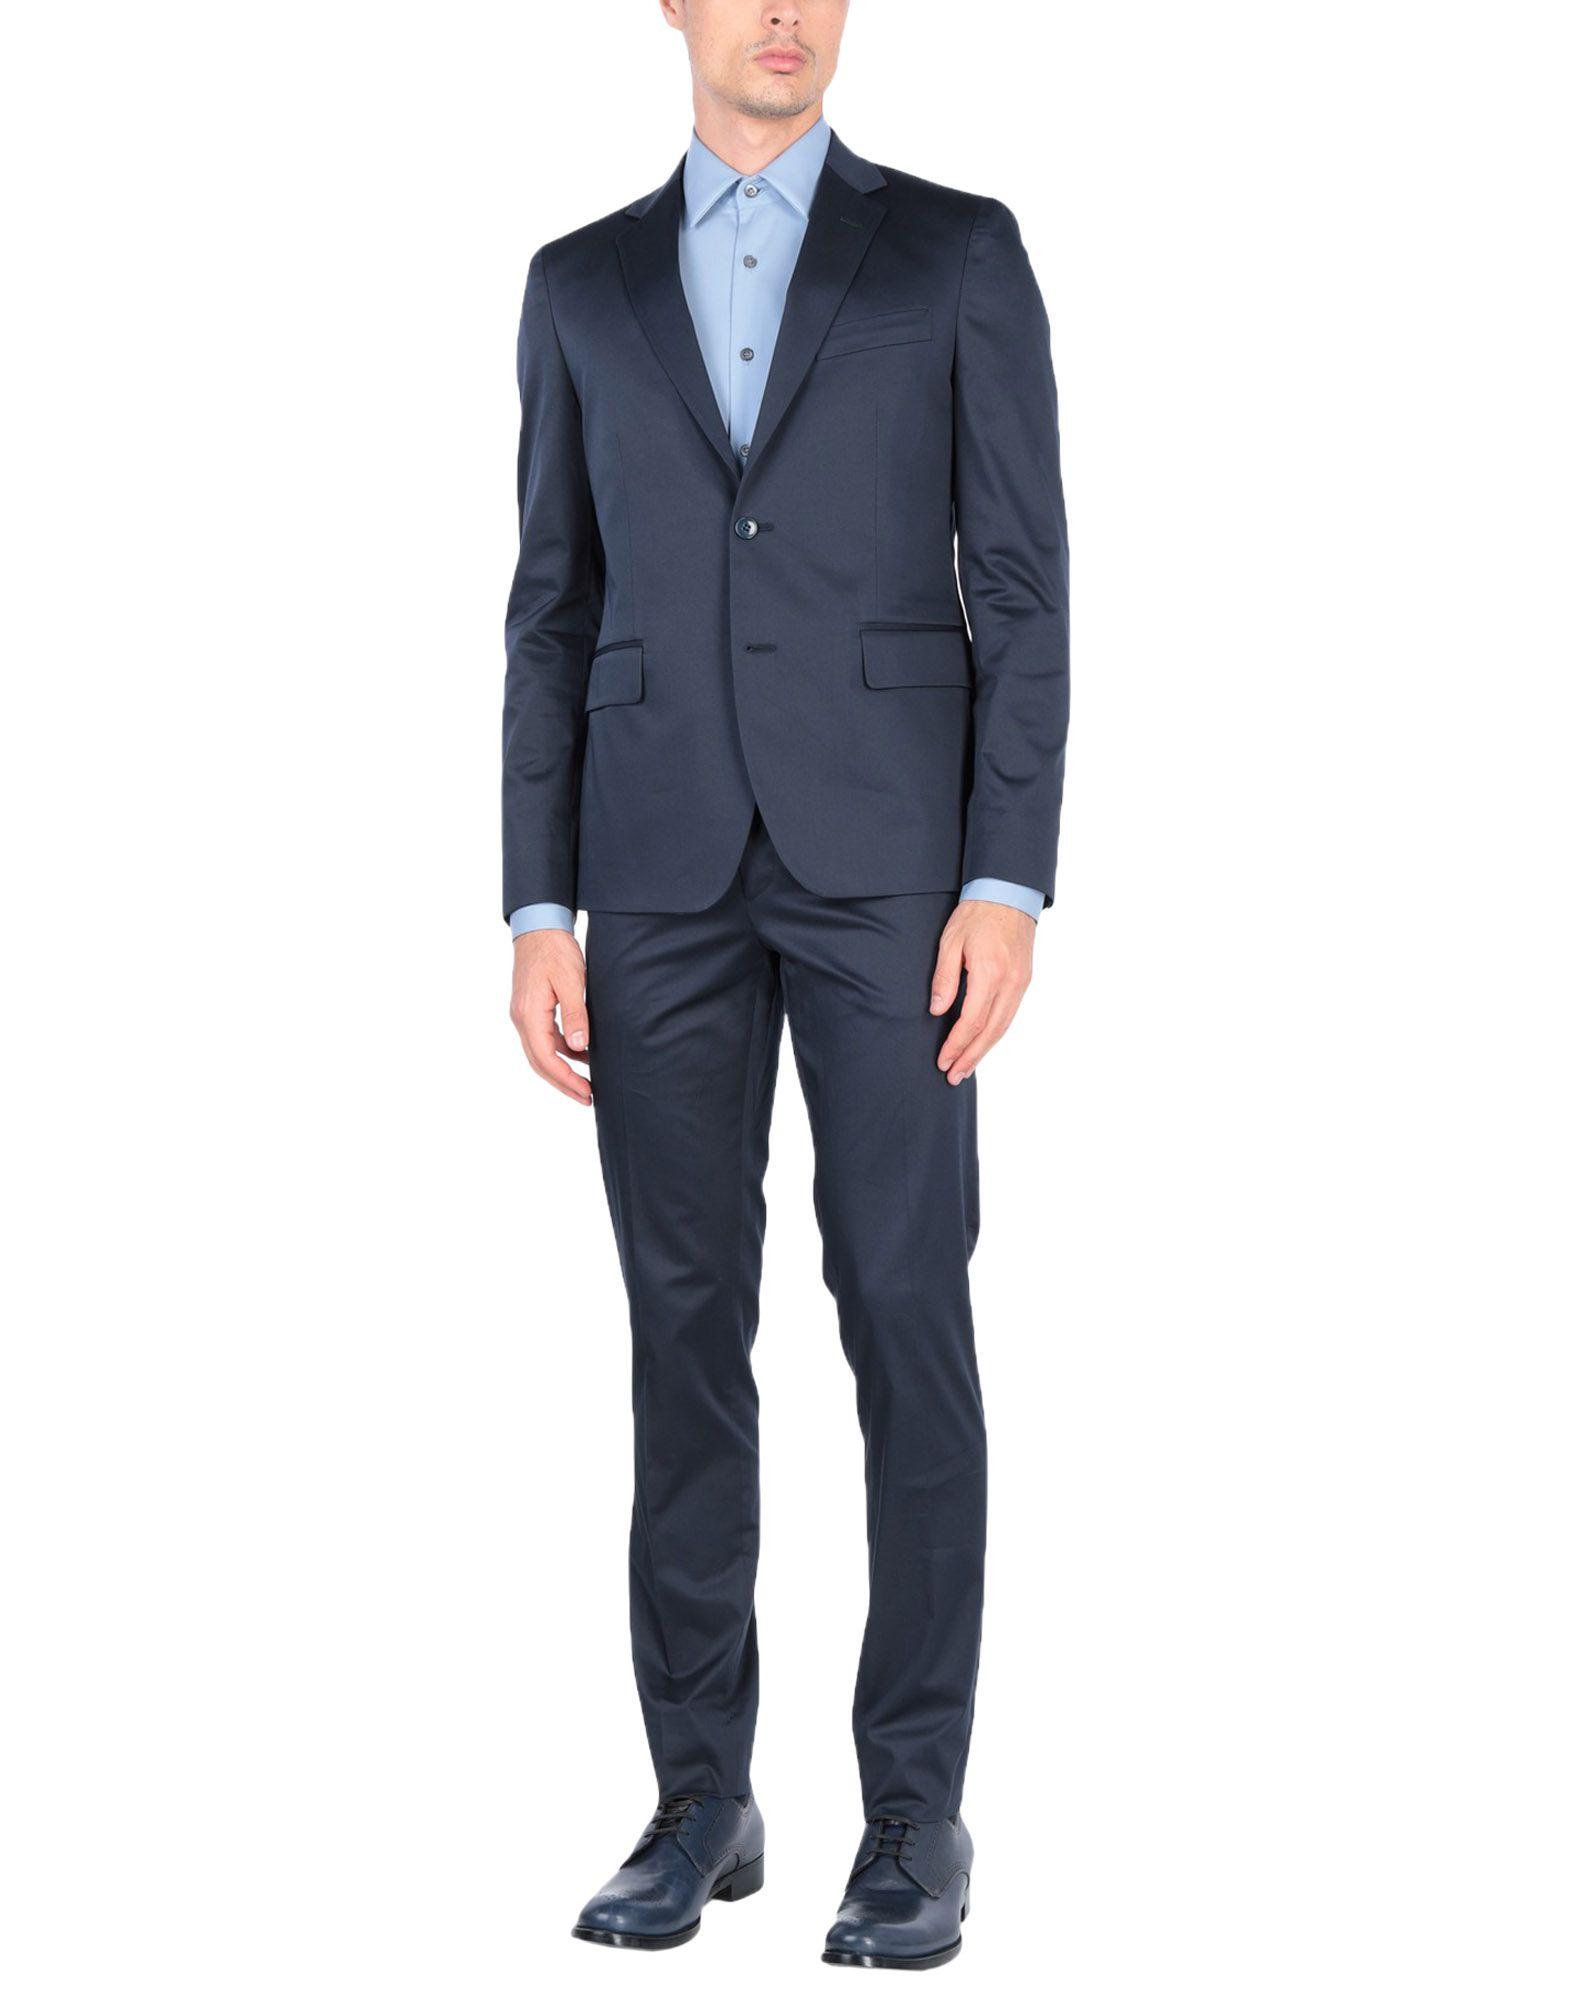 38249106f9 Brian Dales Uomo - abiti e giacche online su YOOX Italy